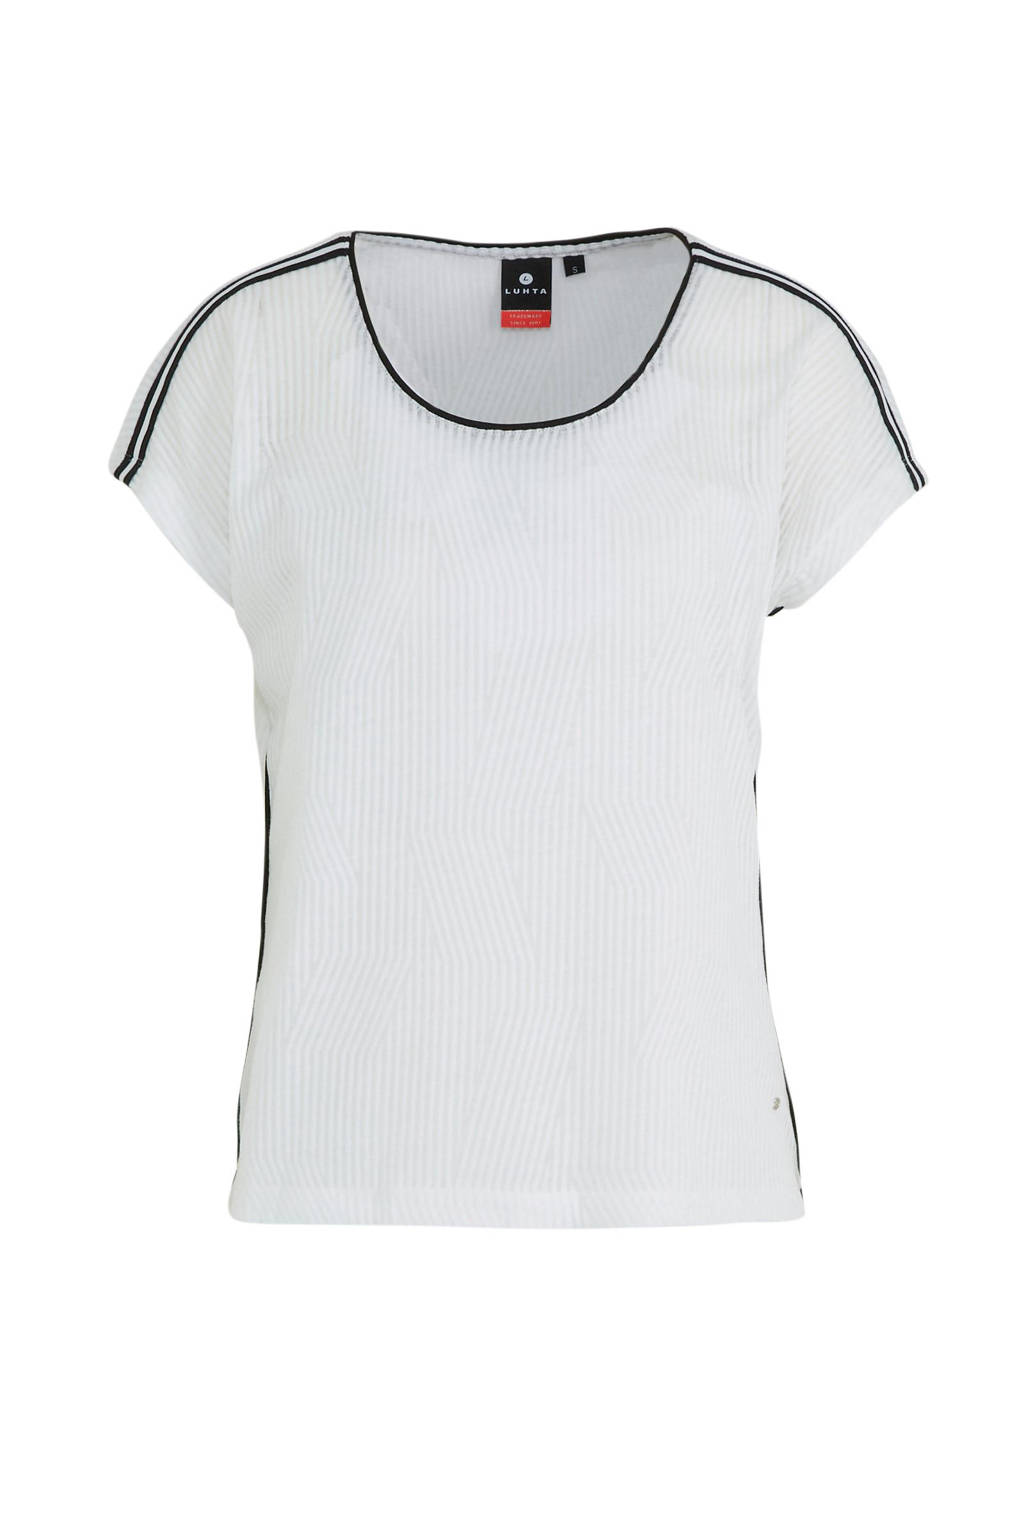 Luhta T-shirt Askais wit, Wit